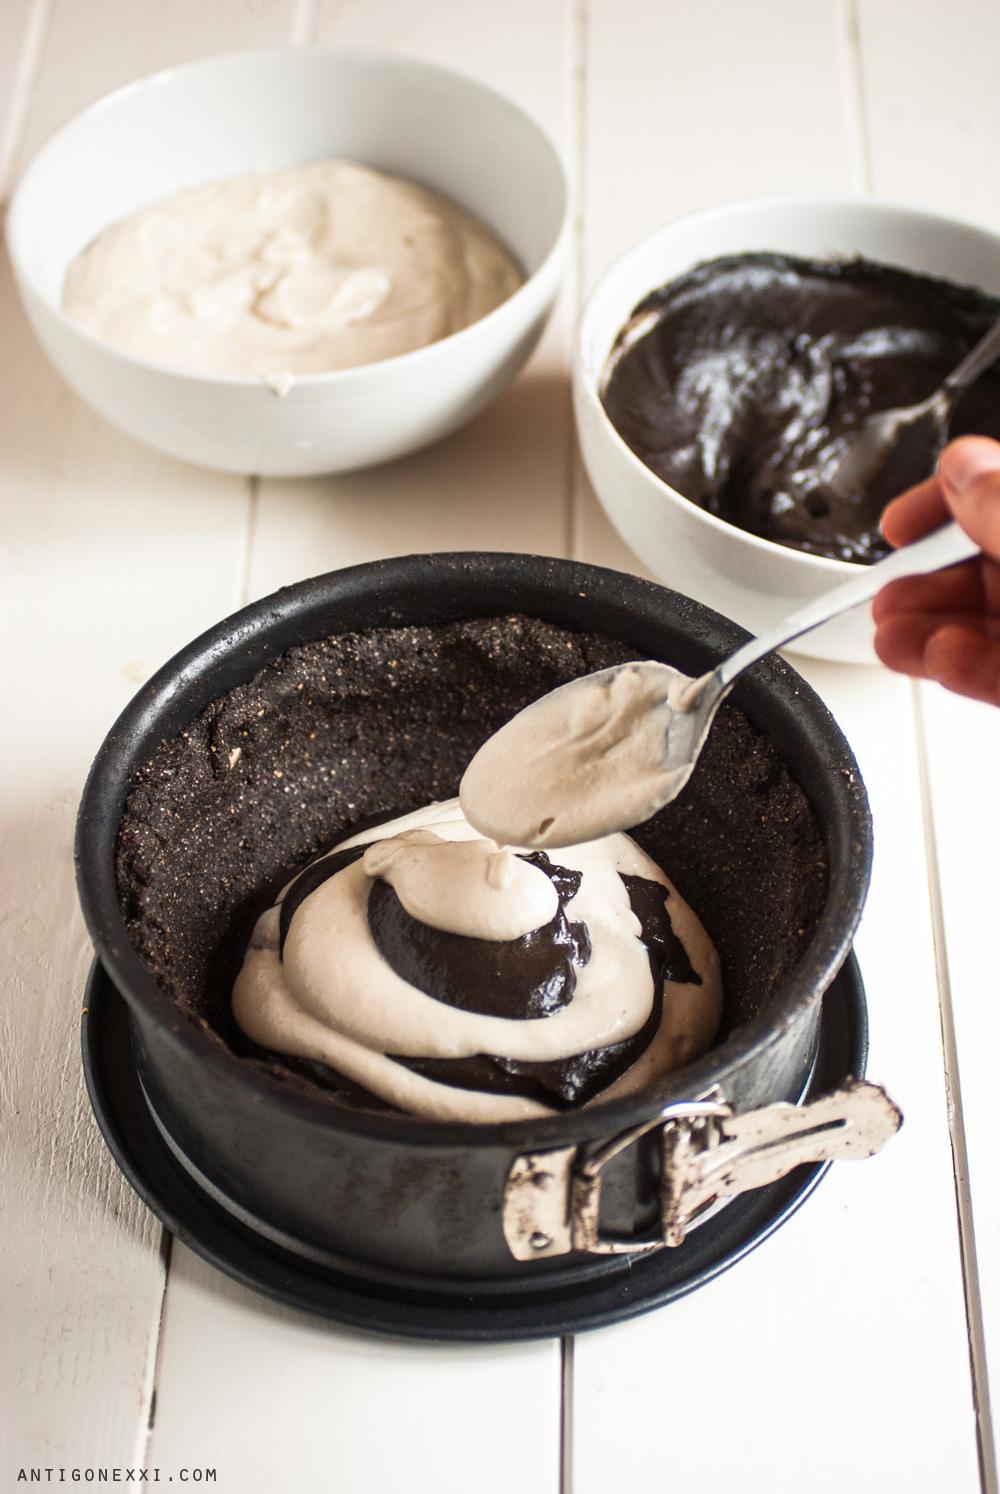 The Black & White Cake - vegan / raw - antigone21.com